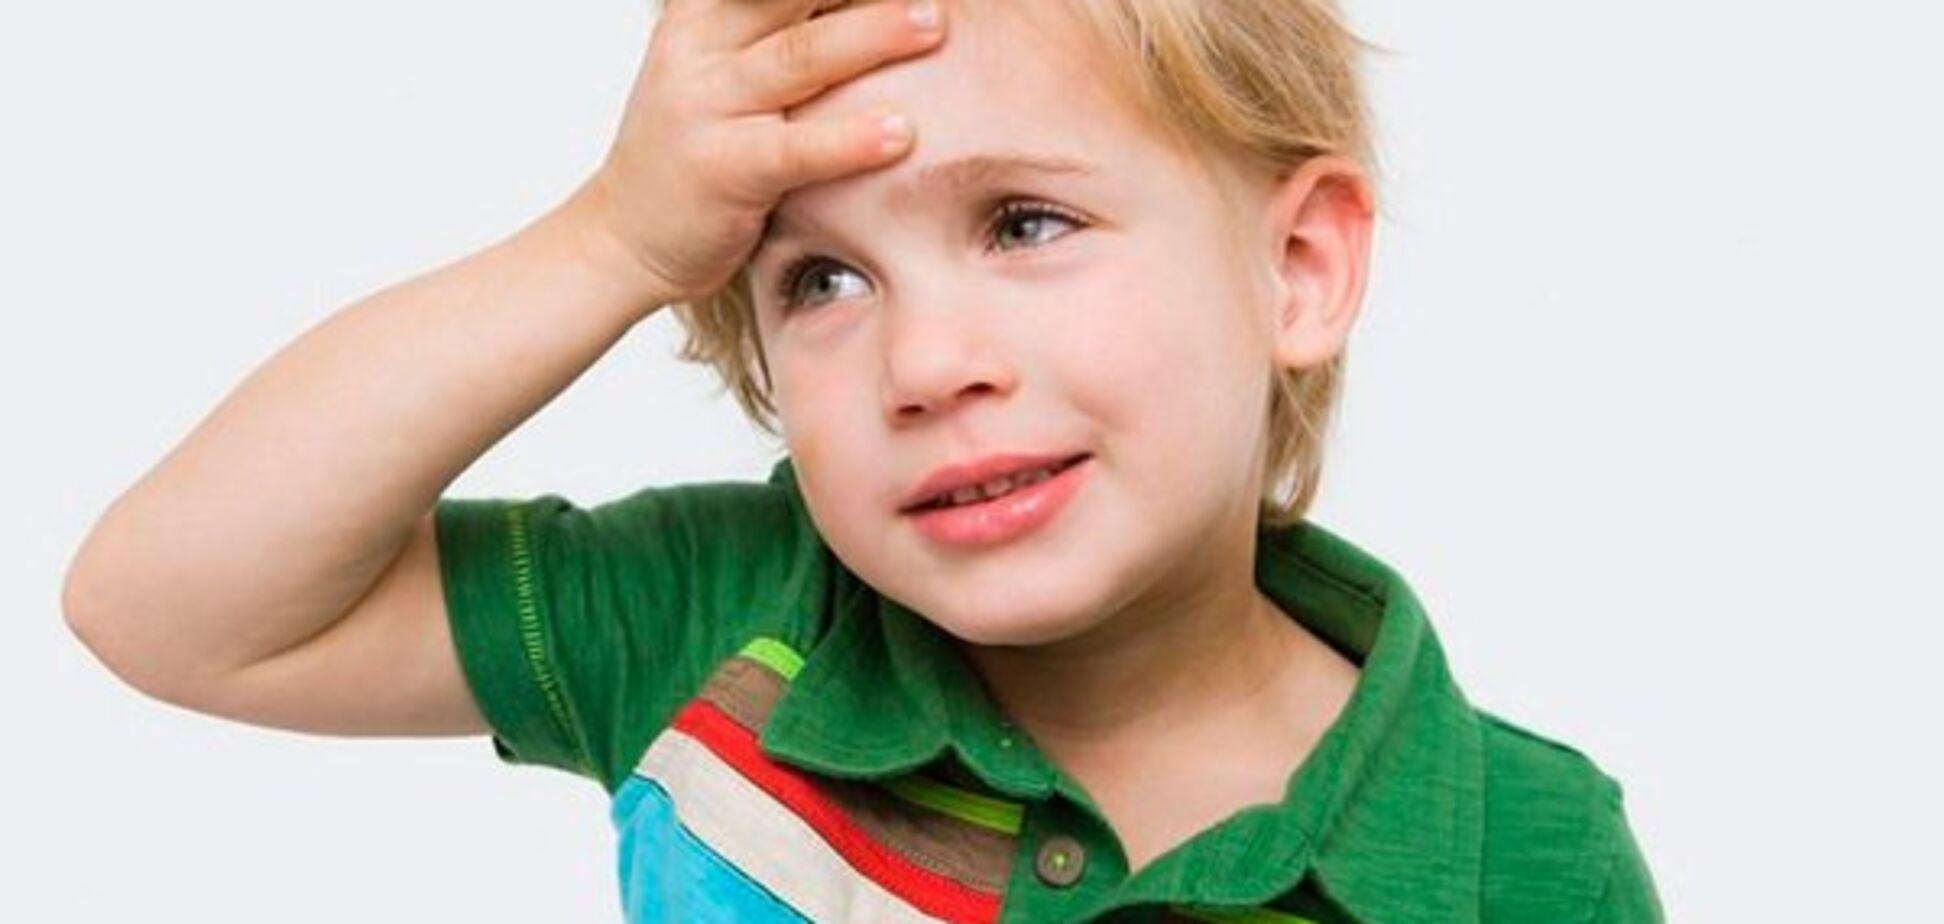 Головная боль у ребенка: что делать